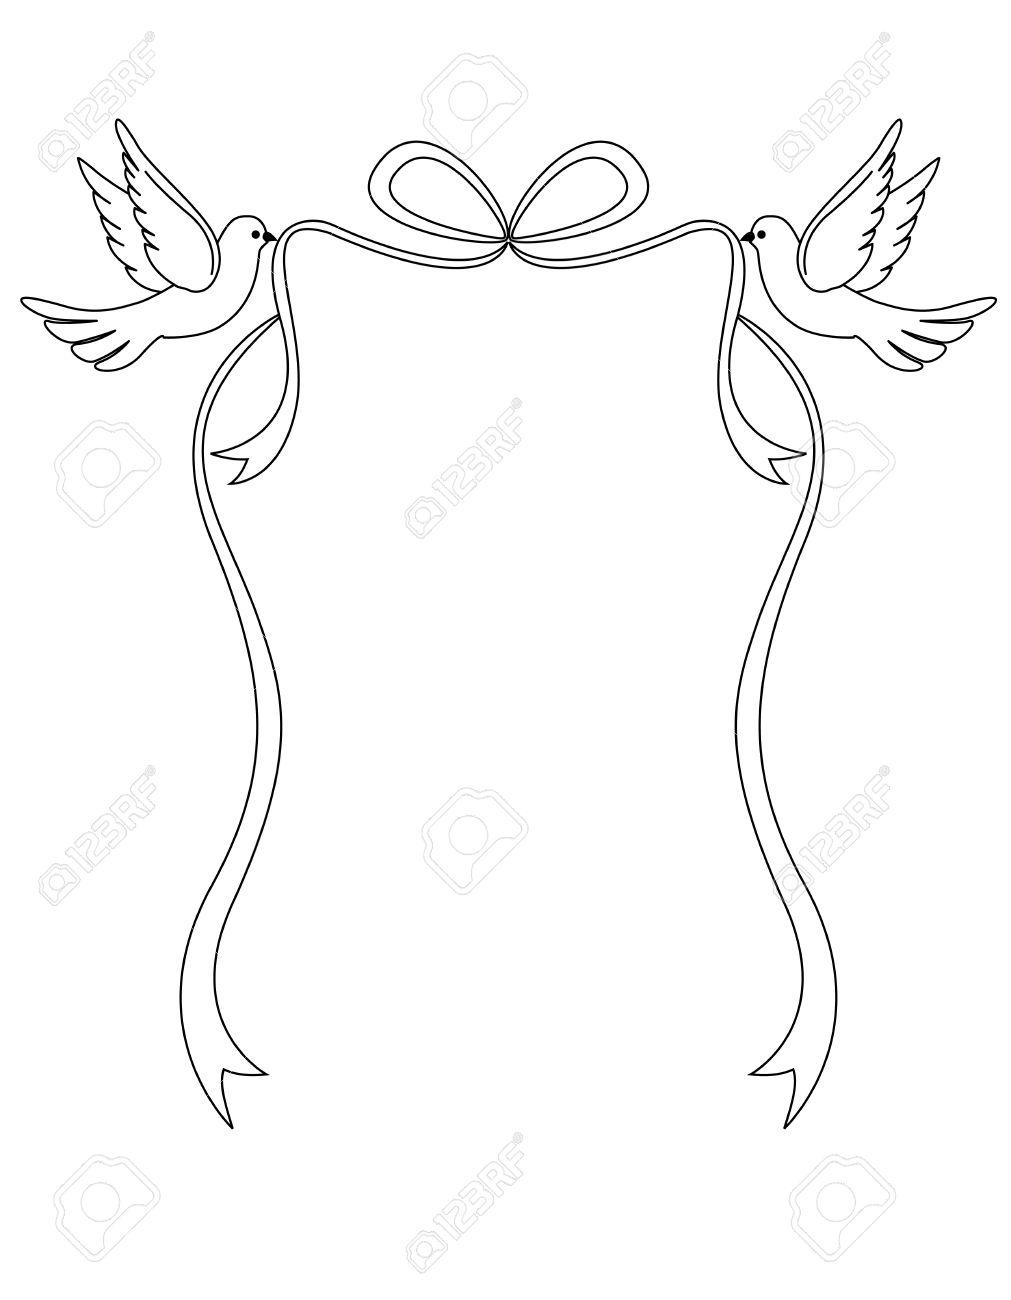 Zwei Liebende Weisse Tauben Eine Bandschleife Tragen Schone Taube